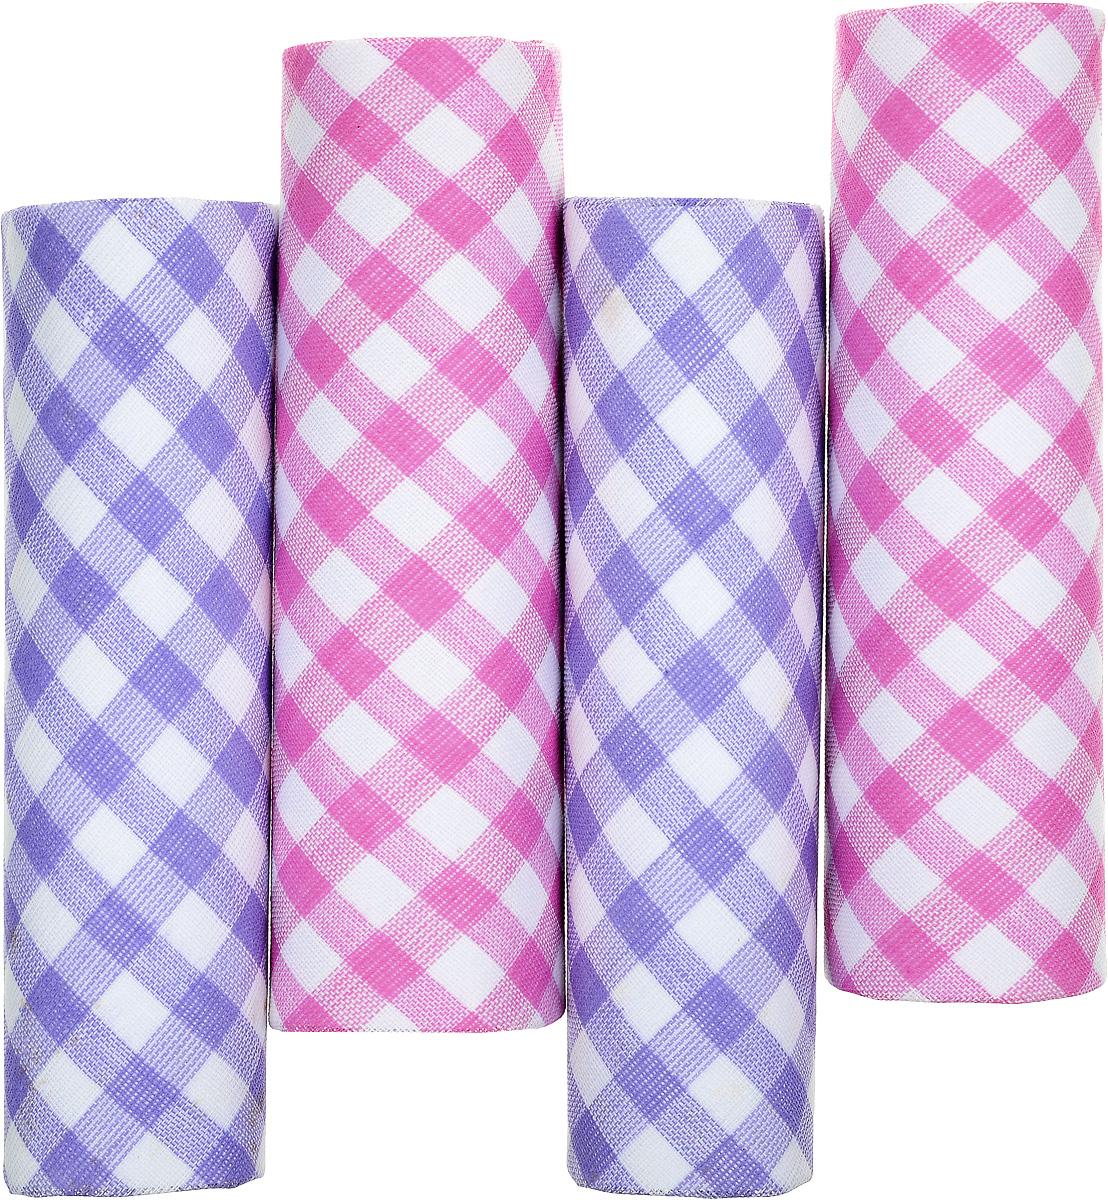 Платок носовой женский Zlata Korunka, цвет: белый, розовый, сиреневый. 71420-2. Размер 29 х 29 см, 4 шт39864|Серьги с подвескамиНосовой платок Zlata Korunka изготовлен из высококачественного натурального хлопка, благодаря чему приятен в использовании, хорошо стирается, не садится и отлично впитывает влагу. Практичный и изящный носовой платок будет незаменим в повседневной жизни любого современного человека. Такой платок послужит стильным аксессуаром и подчеркнет ваше превосходное чувство вкуса.В комплекте 4 платка.